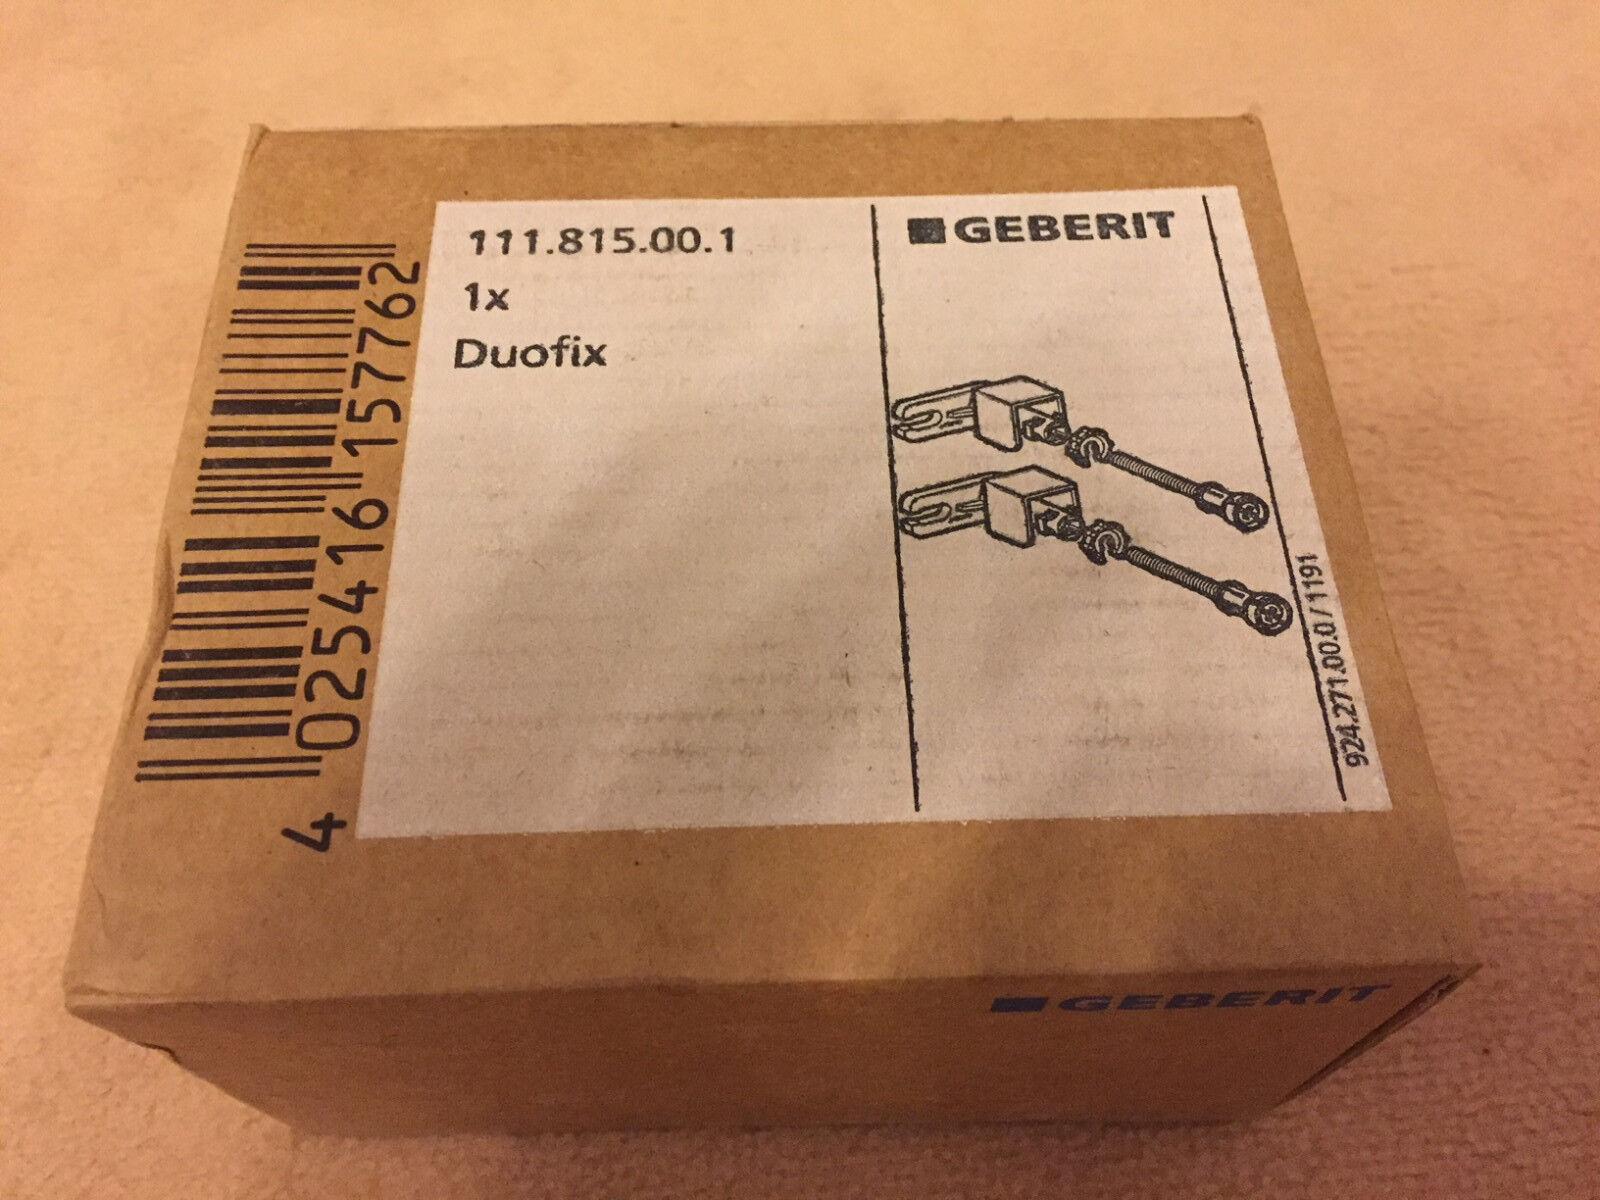 Geberit Duofix Spülkasten Delta und Duofix Basic Waschtischelement Bauhöhe 112cm